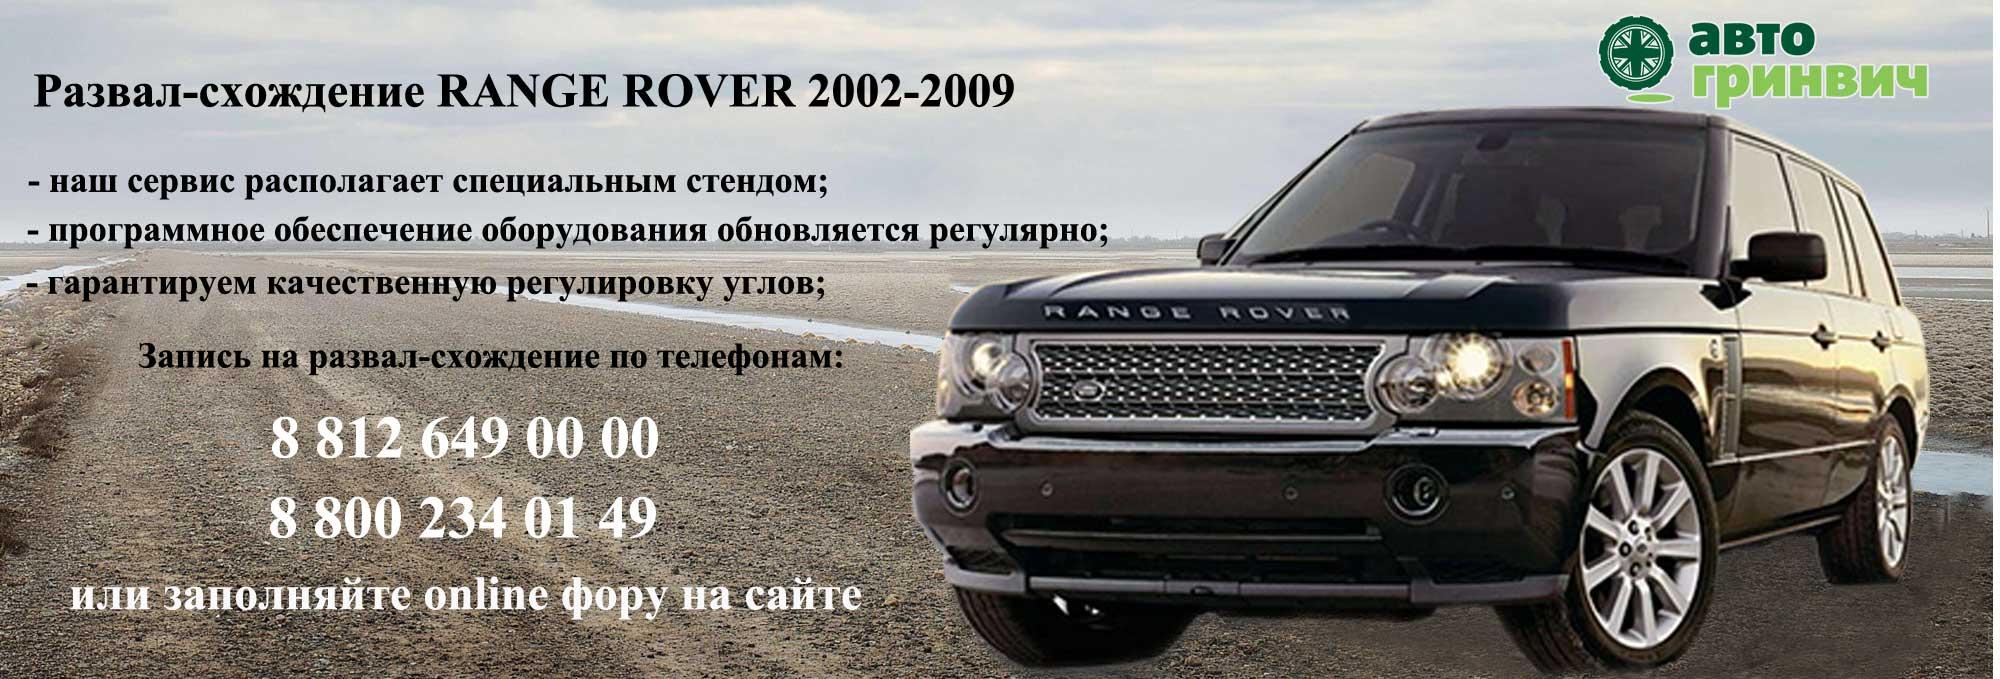 Развал-схождение RANGE ROVER 2002-2009